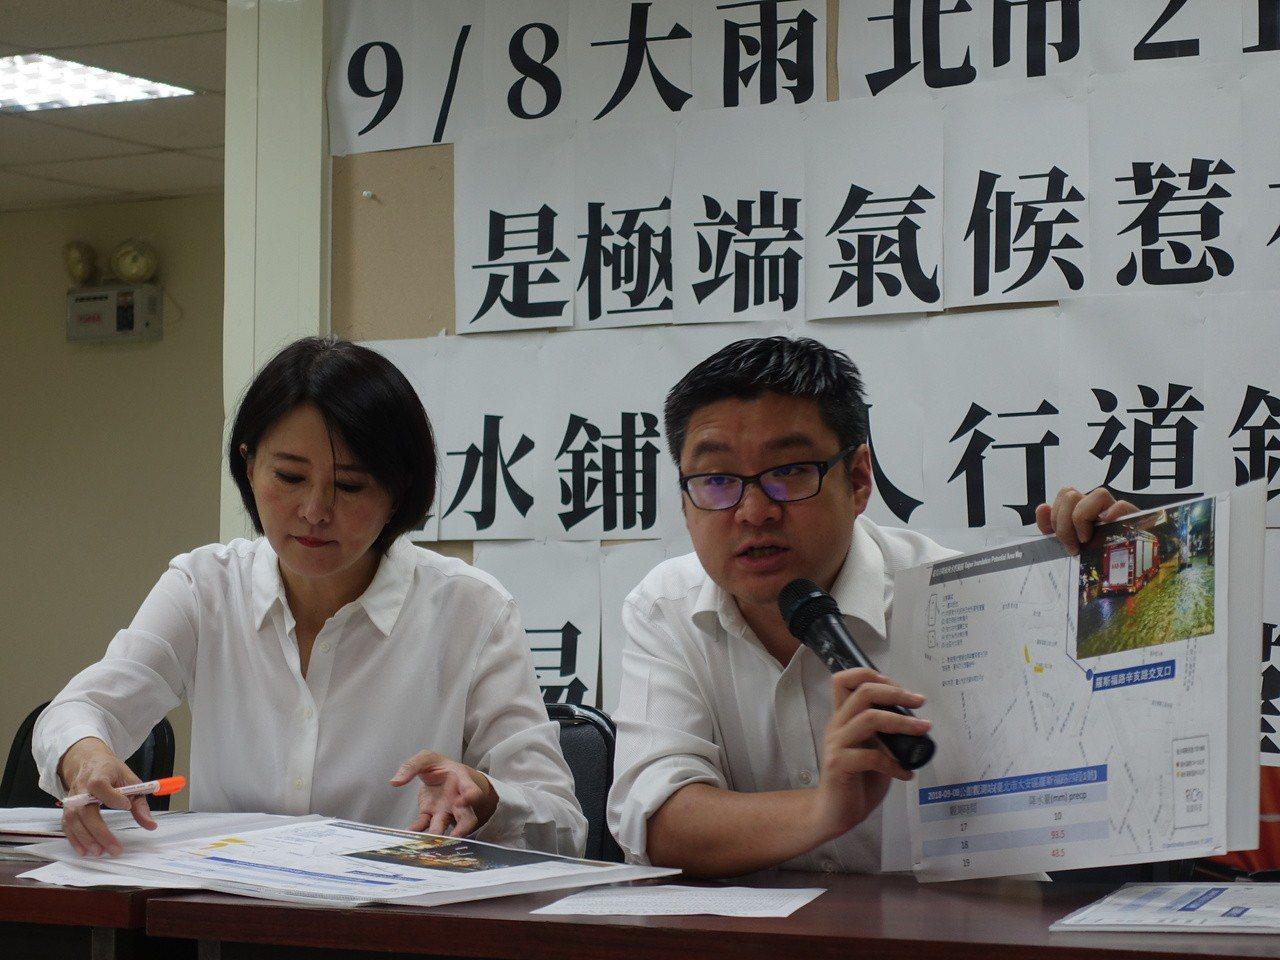 民黨籍台北市議員王鴻薇、徐弘庭今天上午召開記者會,質疑明明絕大多數的淹水地點,時...